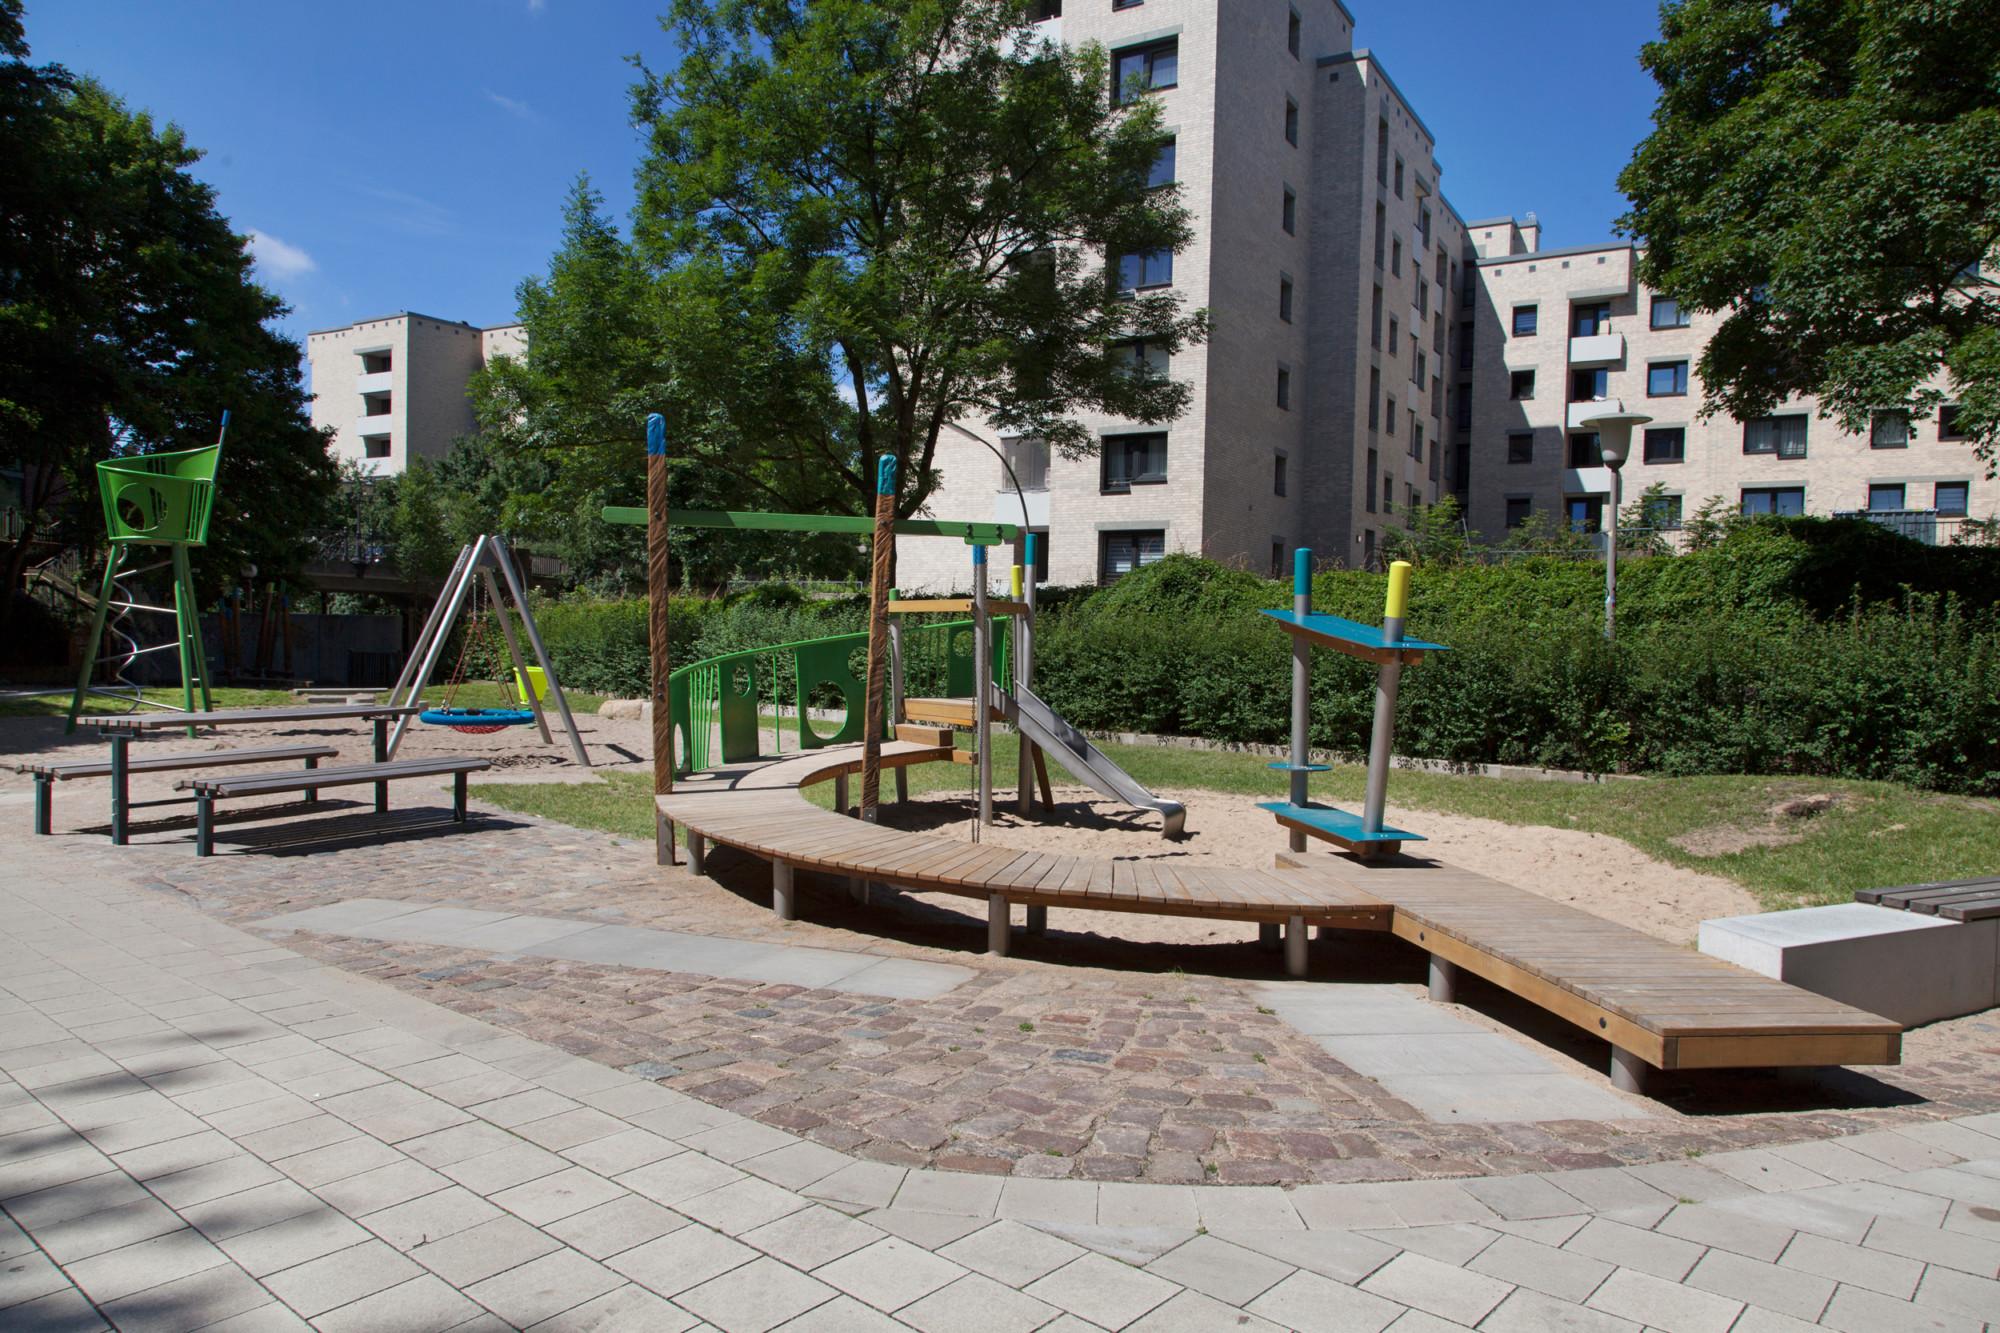 Naumann_Landschaft_Spielplatz_Pepermoelenbek_06 Naumann – Landschaft